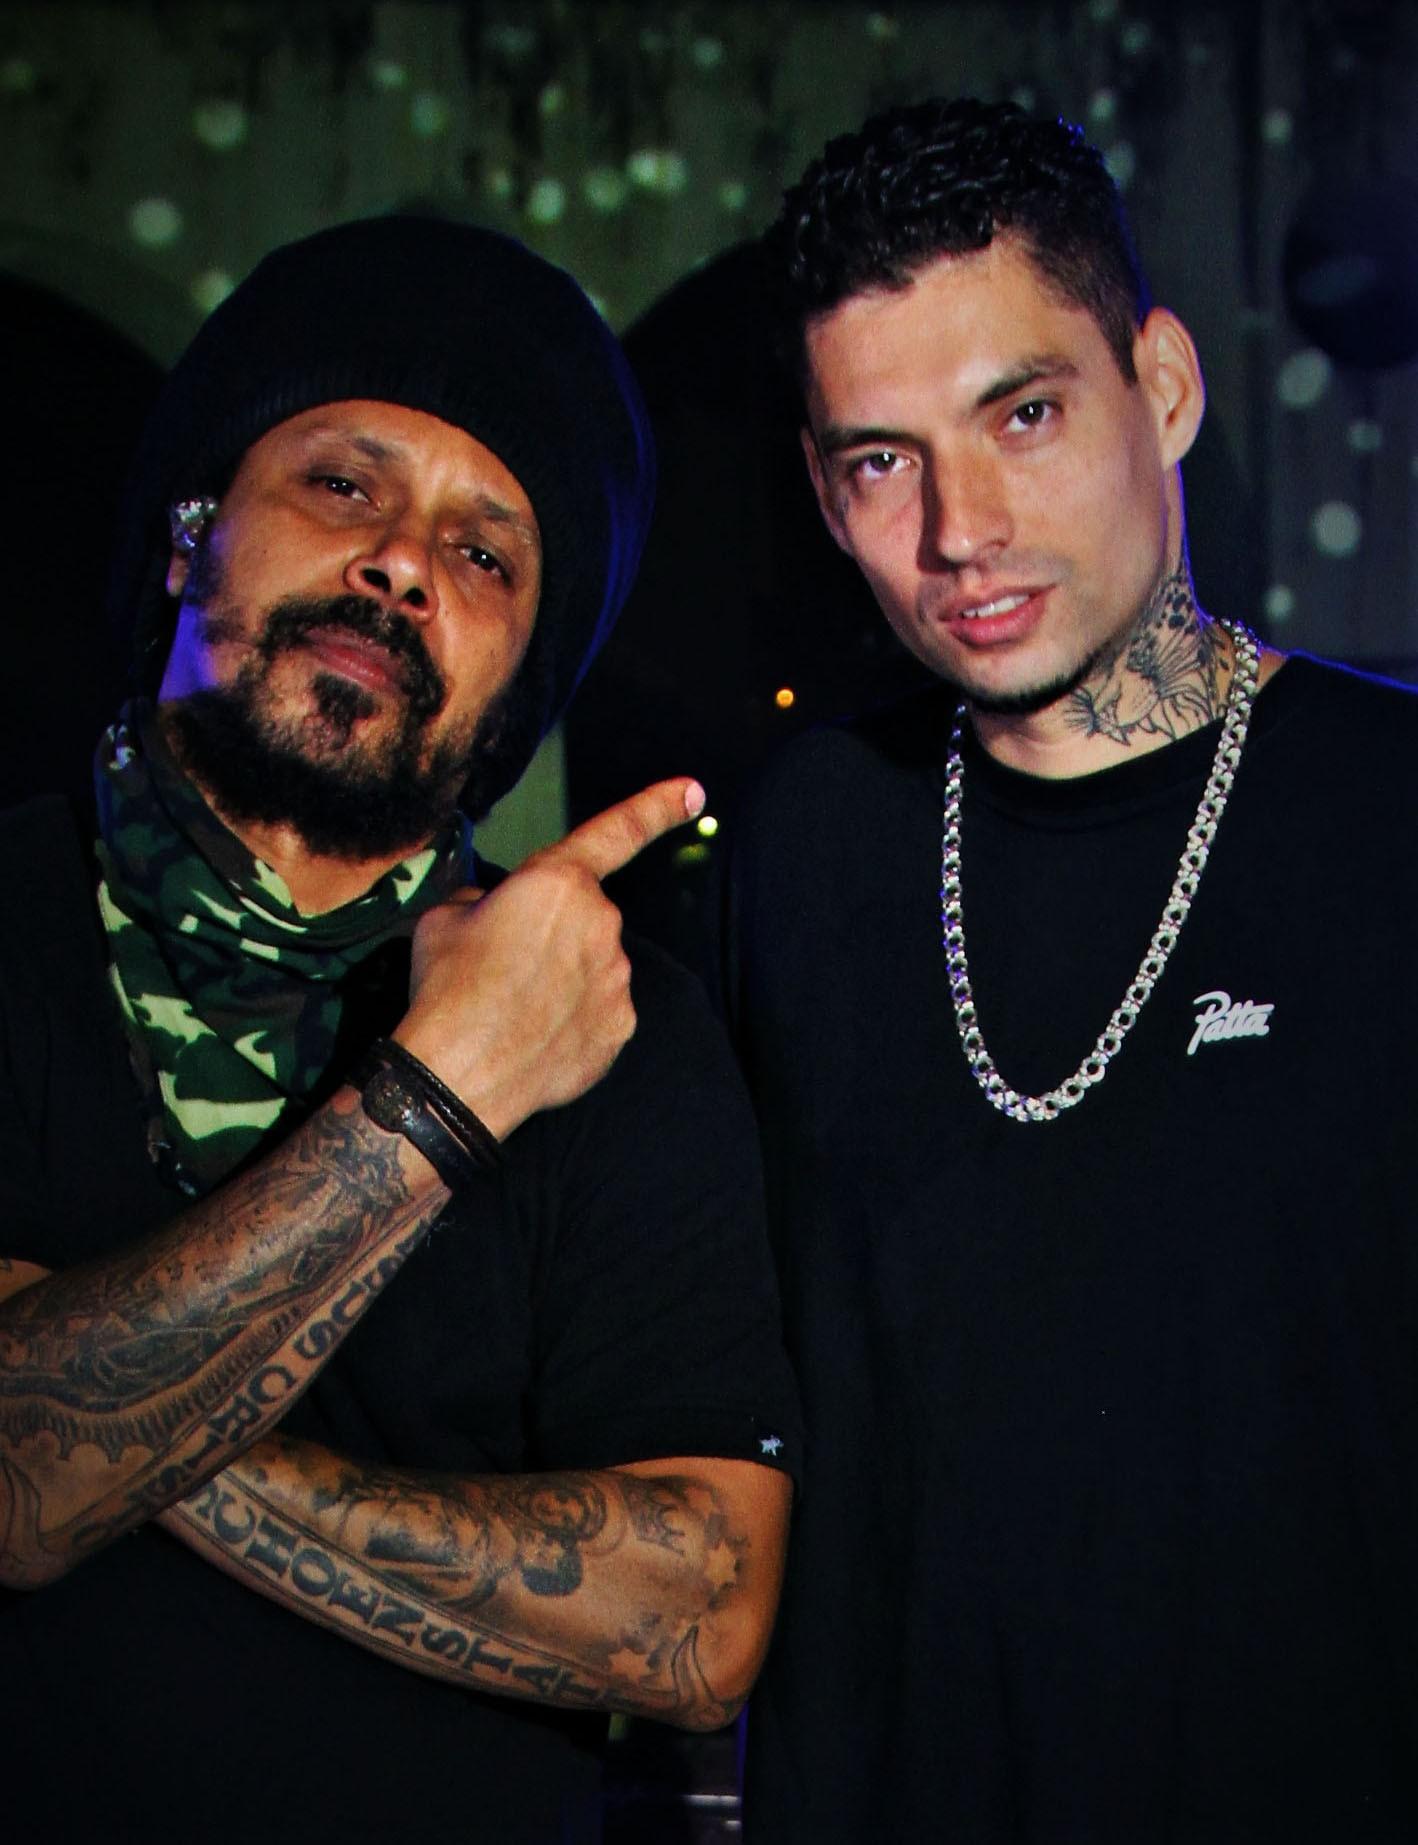 Marcelo Falcão lança single com o rapper Filipe Ret enquanto prepara o segundo álbum solo